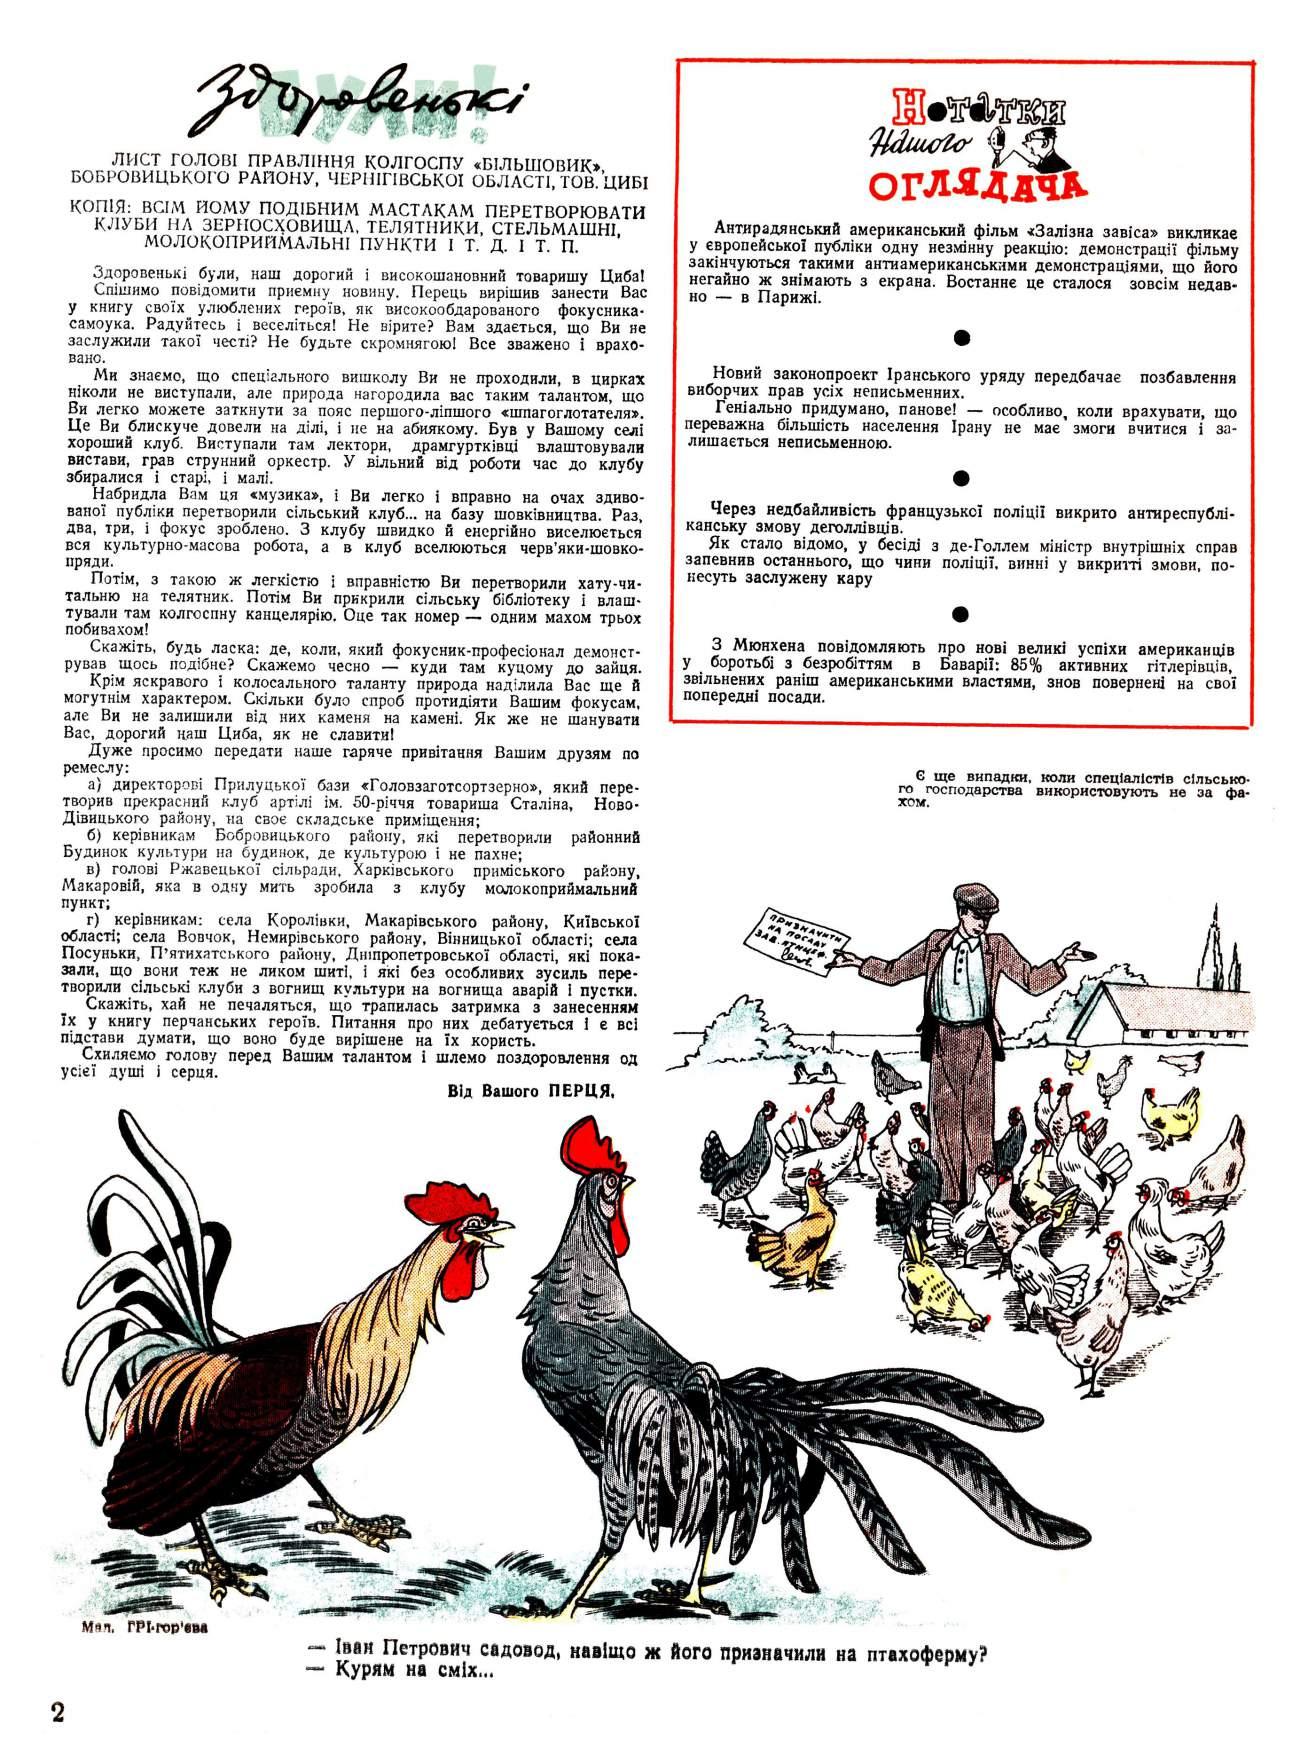 Журнал перець 1949 №14